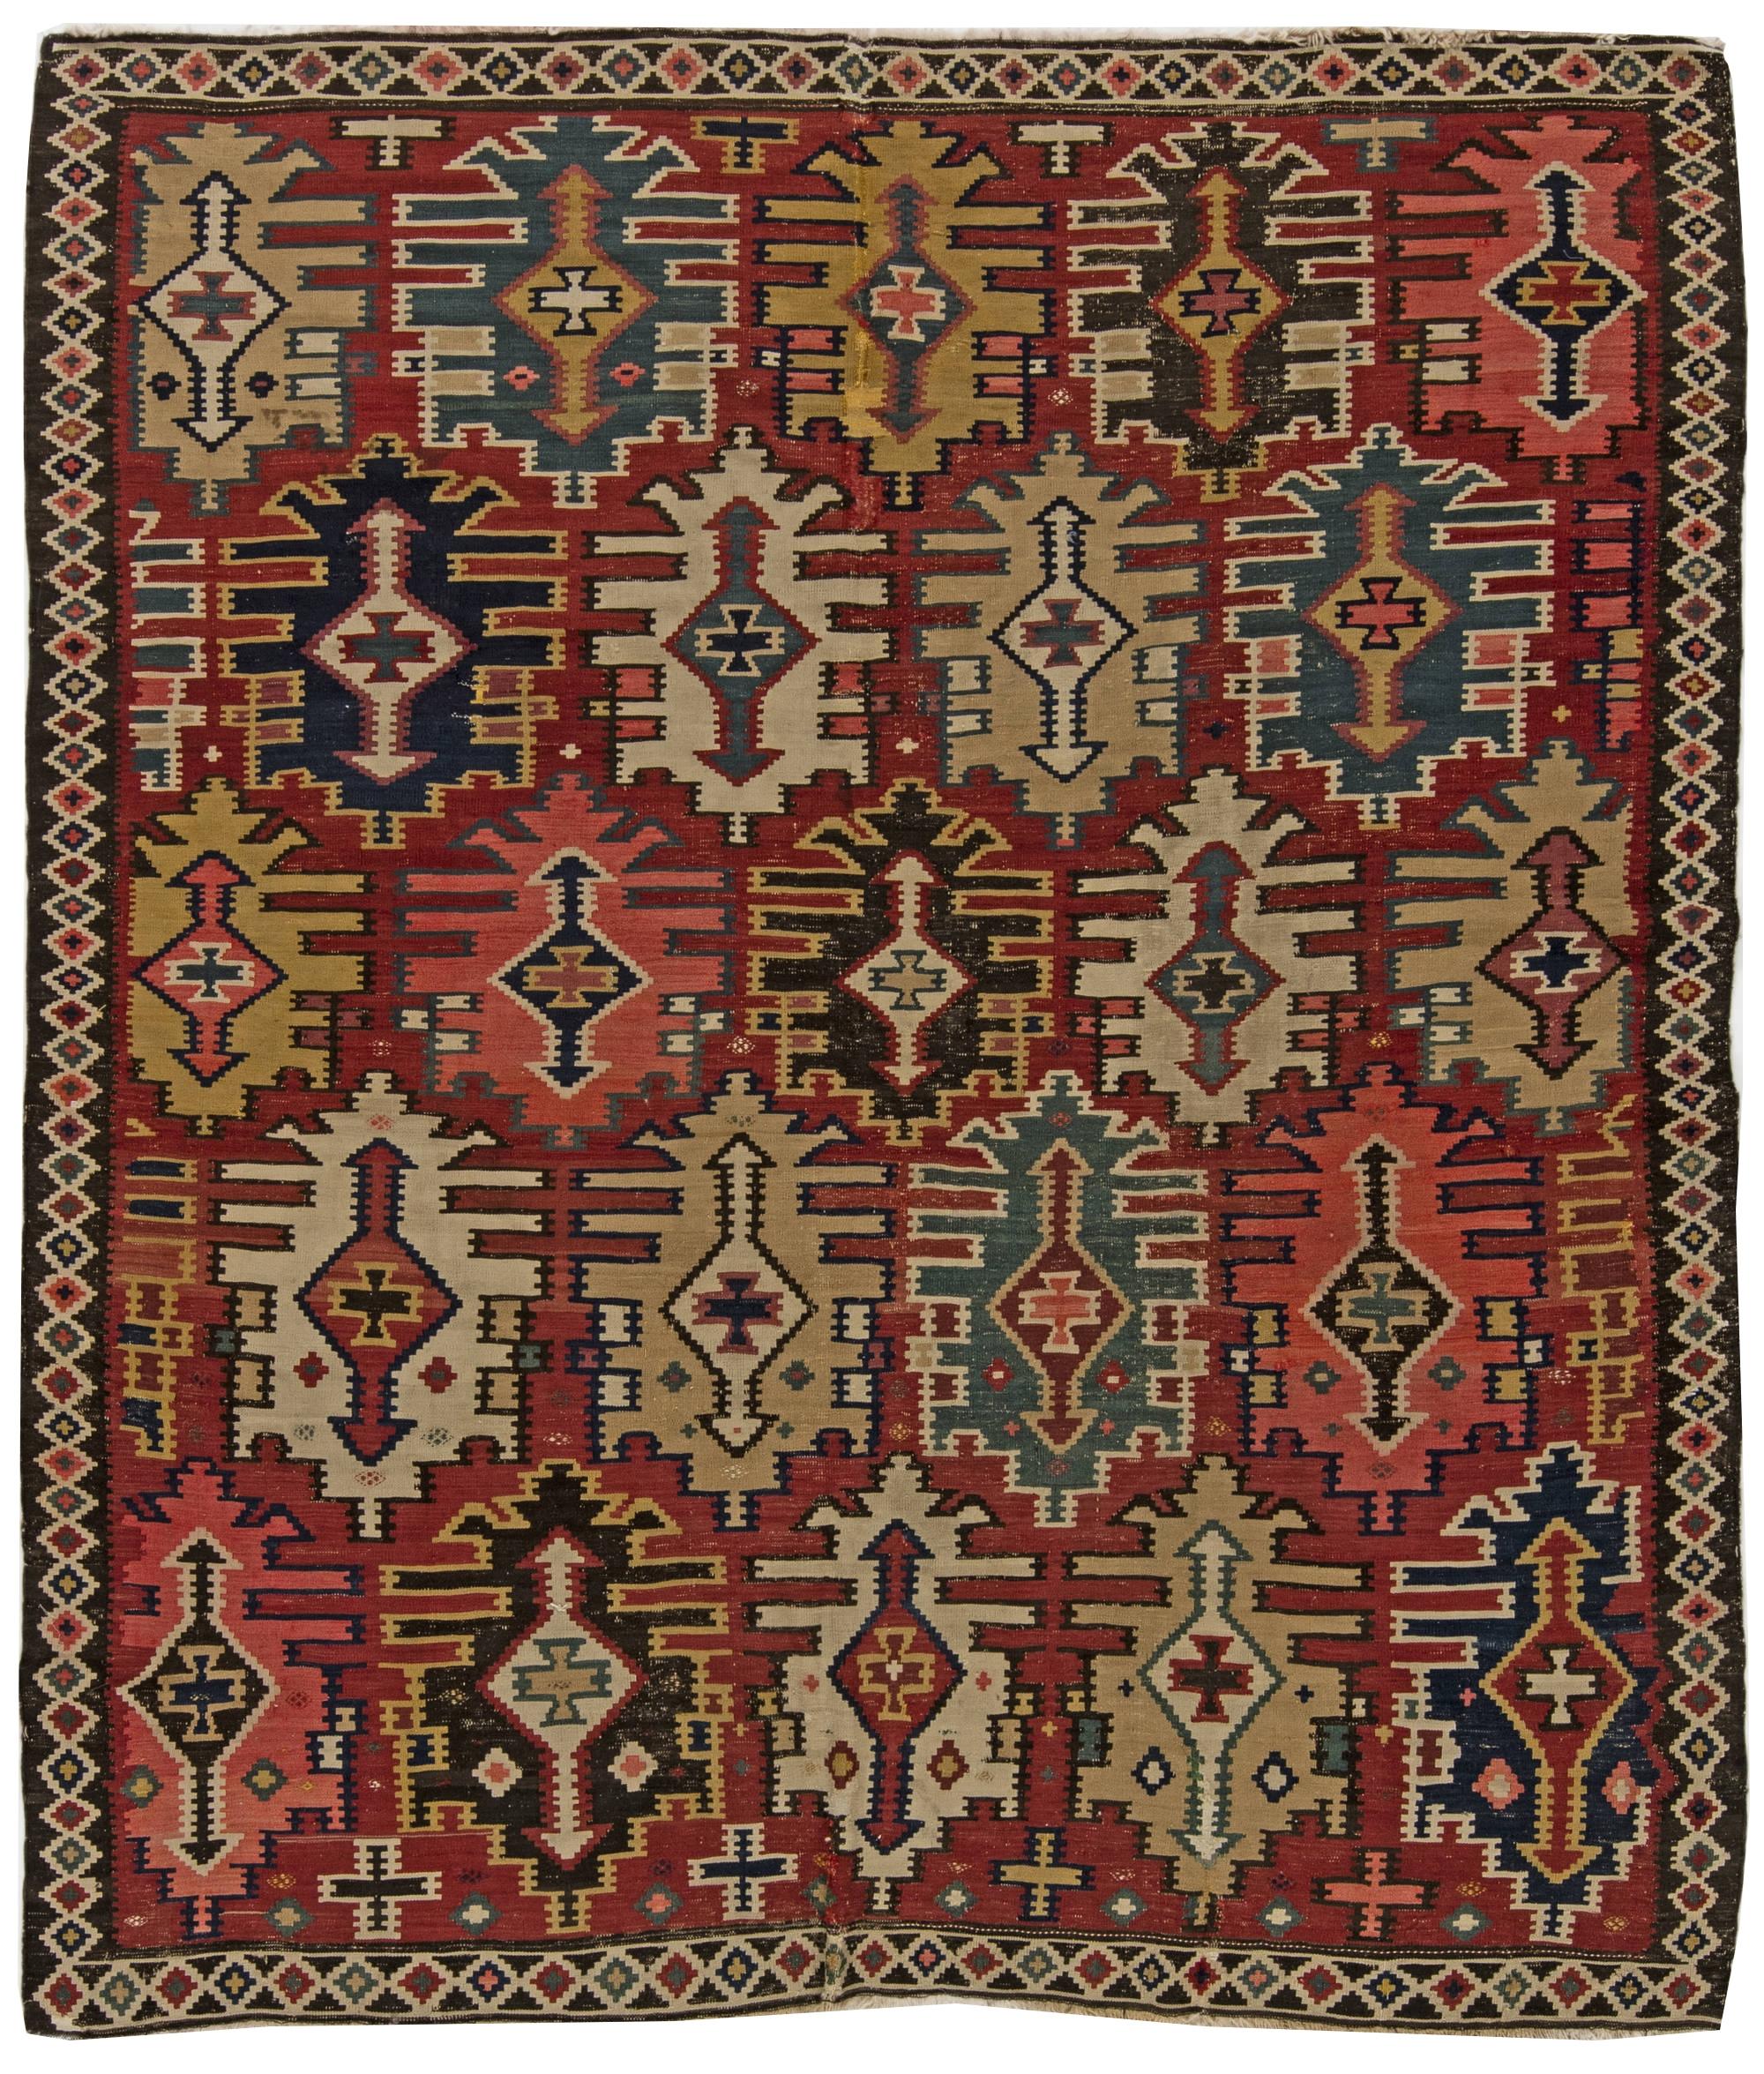 Antique Turkish Kilim Rug Pertaining To Kilim Rugs (Image 5 of 15)